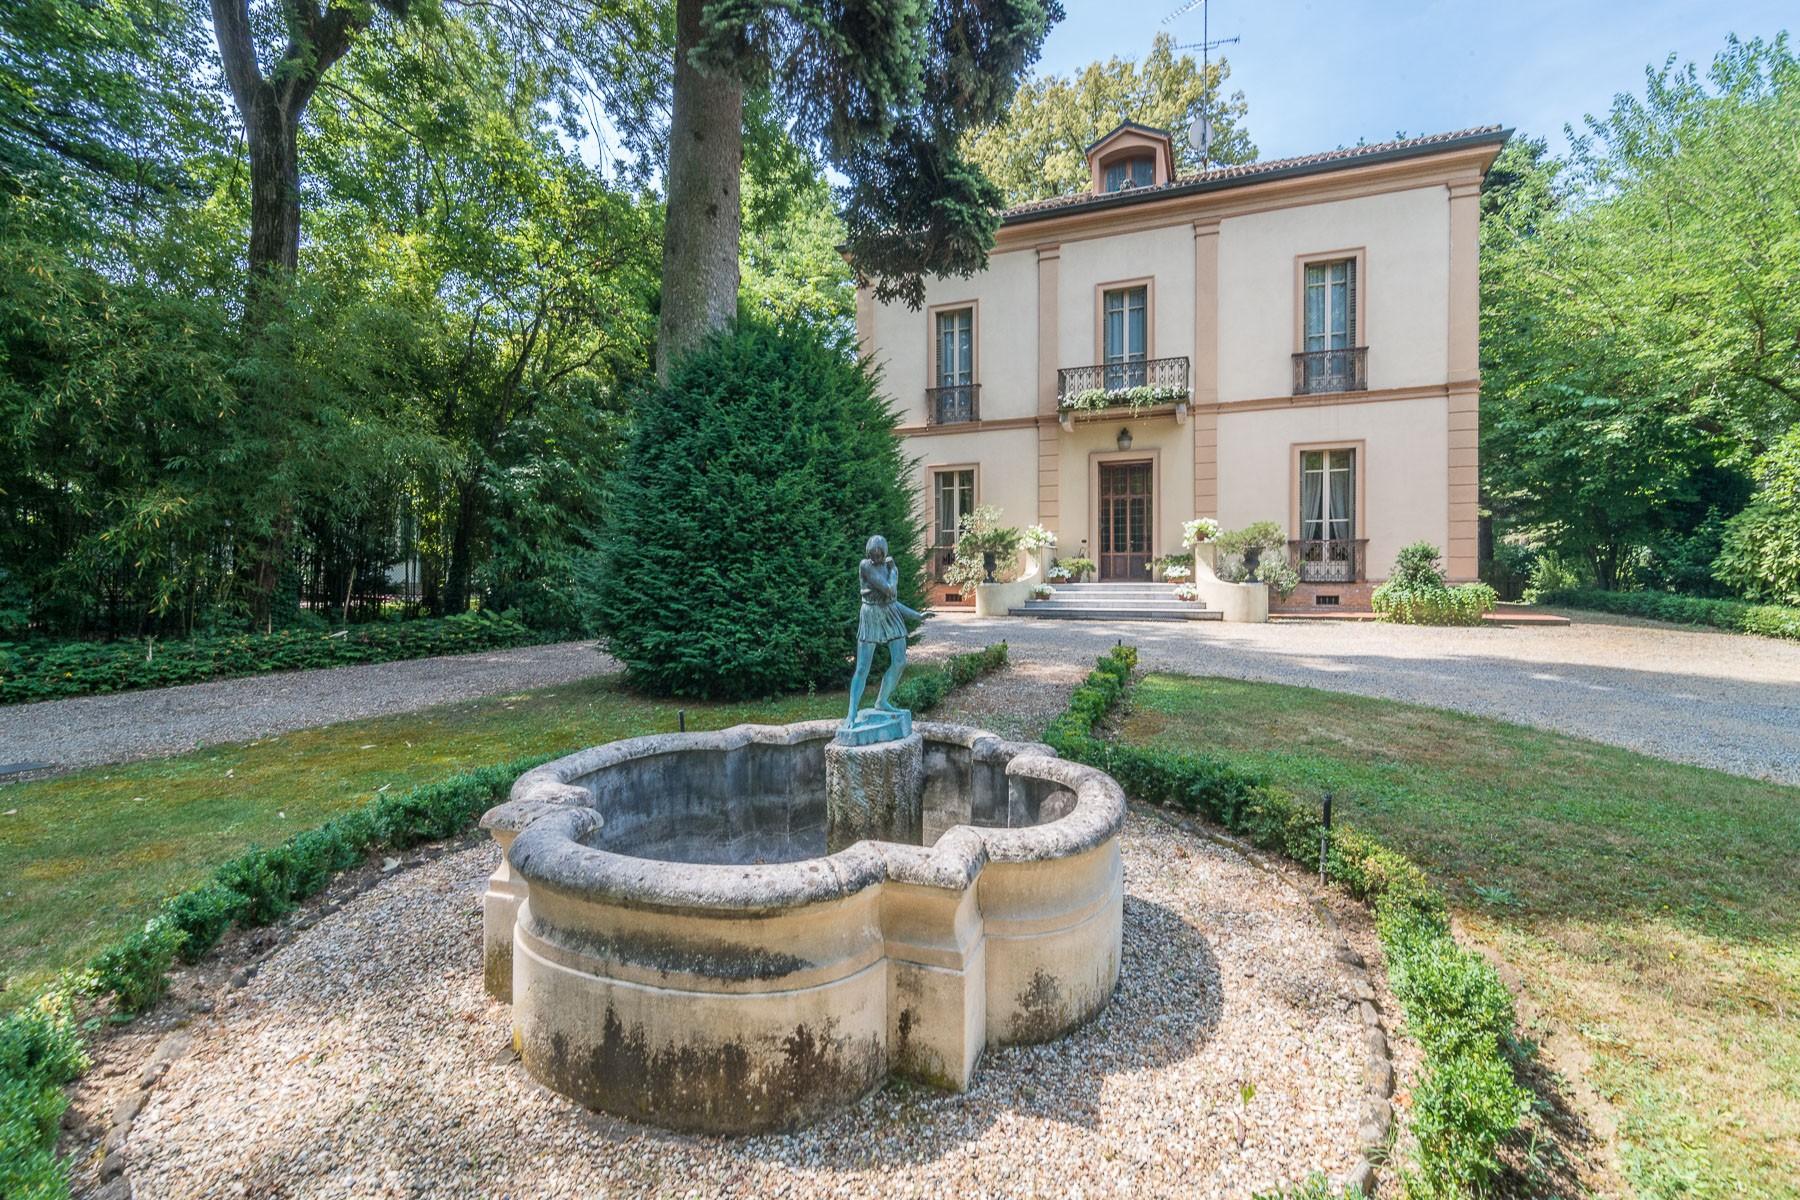 Villa in Vendita a Pavia: 5 locali, 390 mq - Foto 4